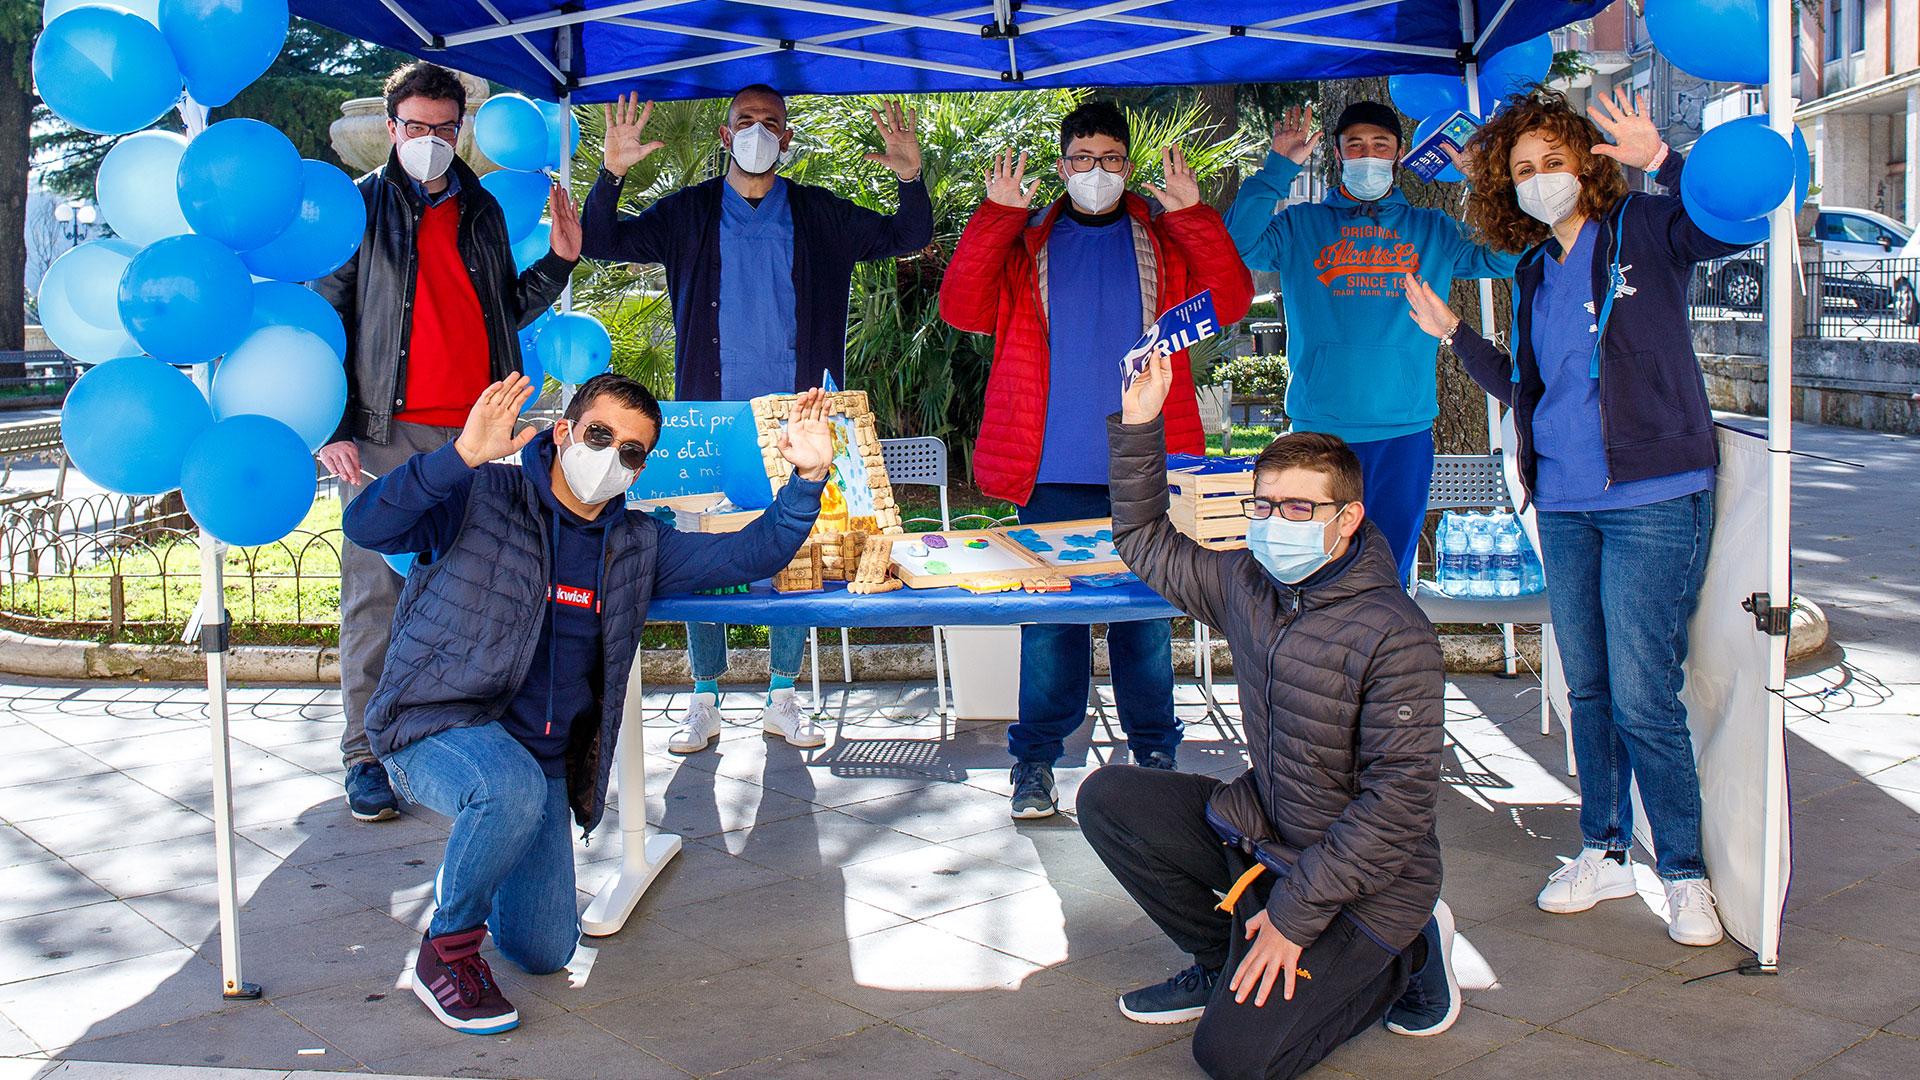 Foto di gruppo davanti allo stand